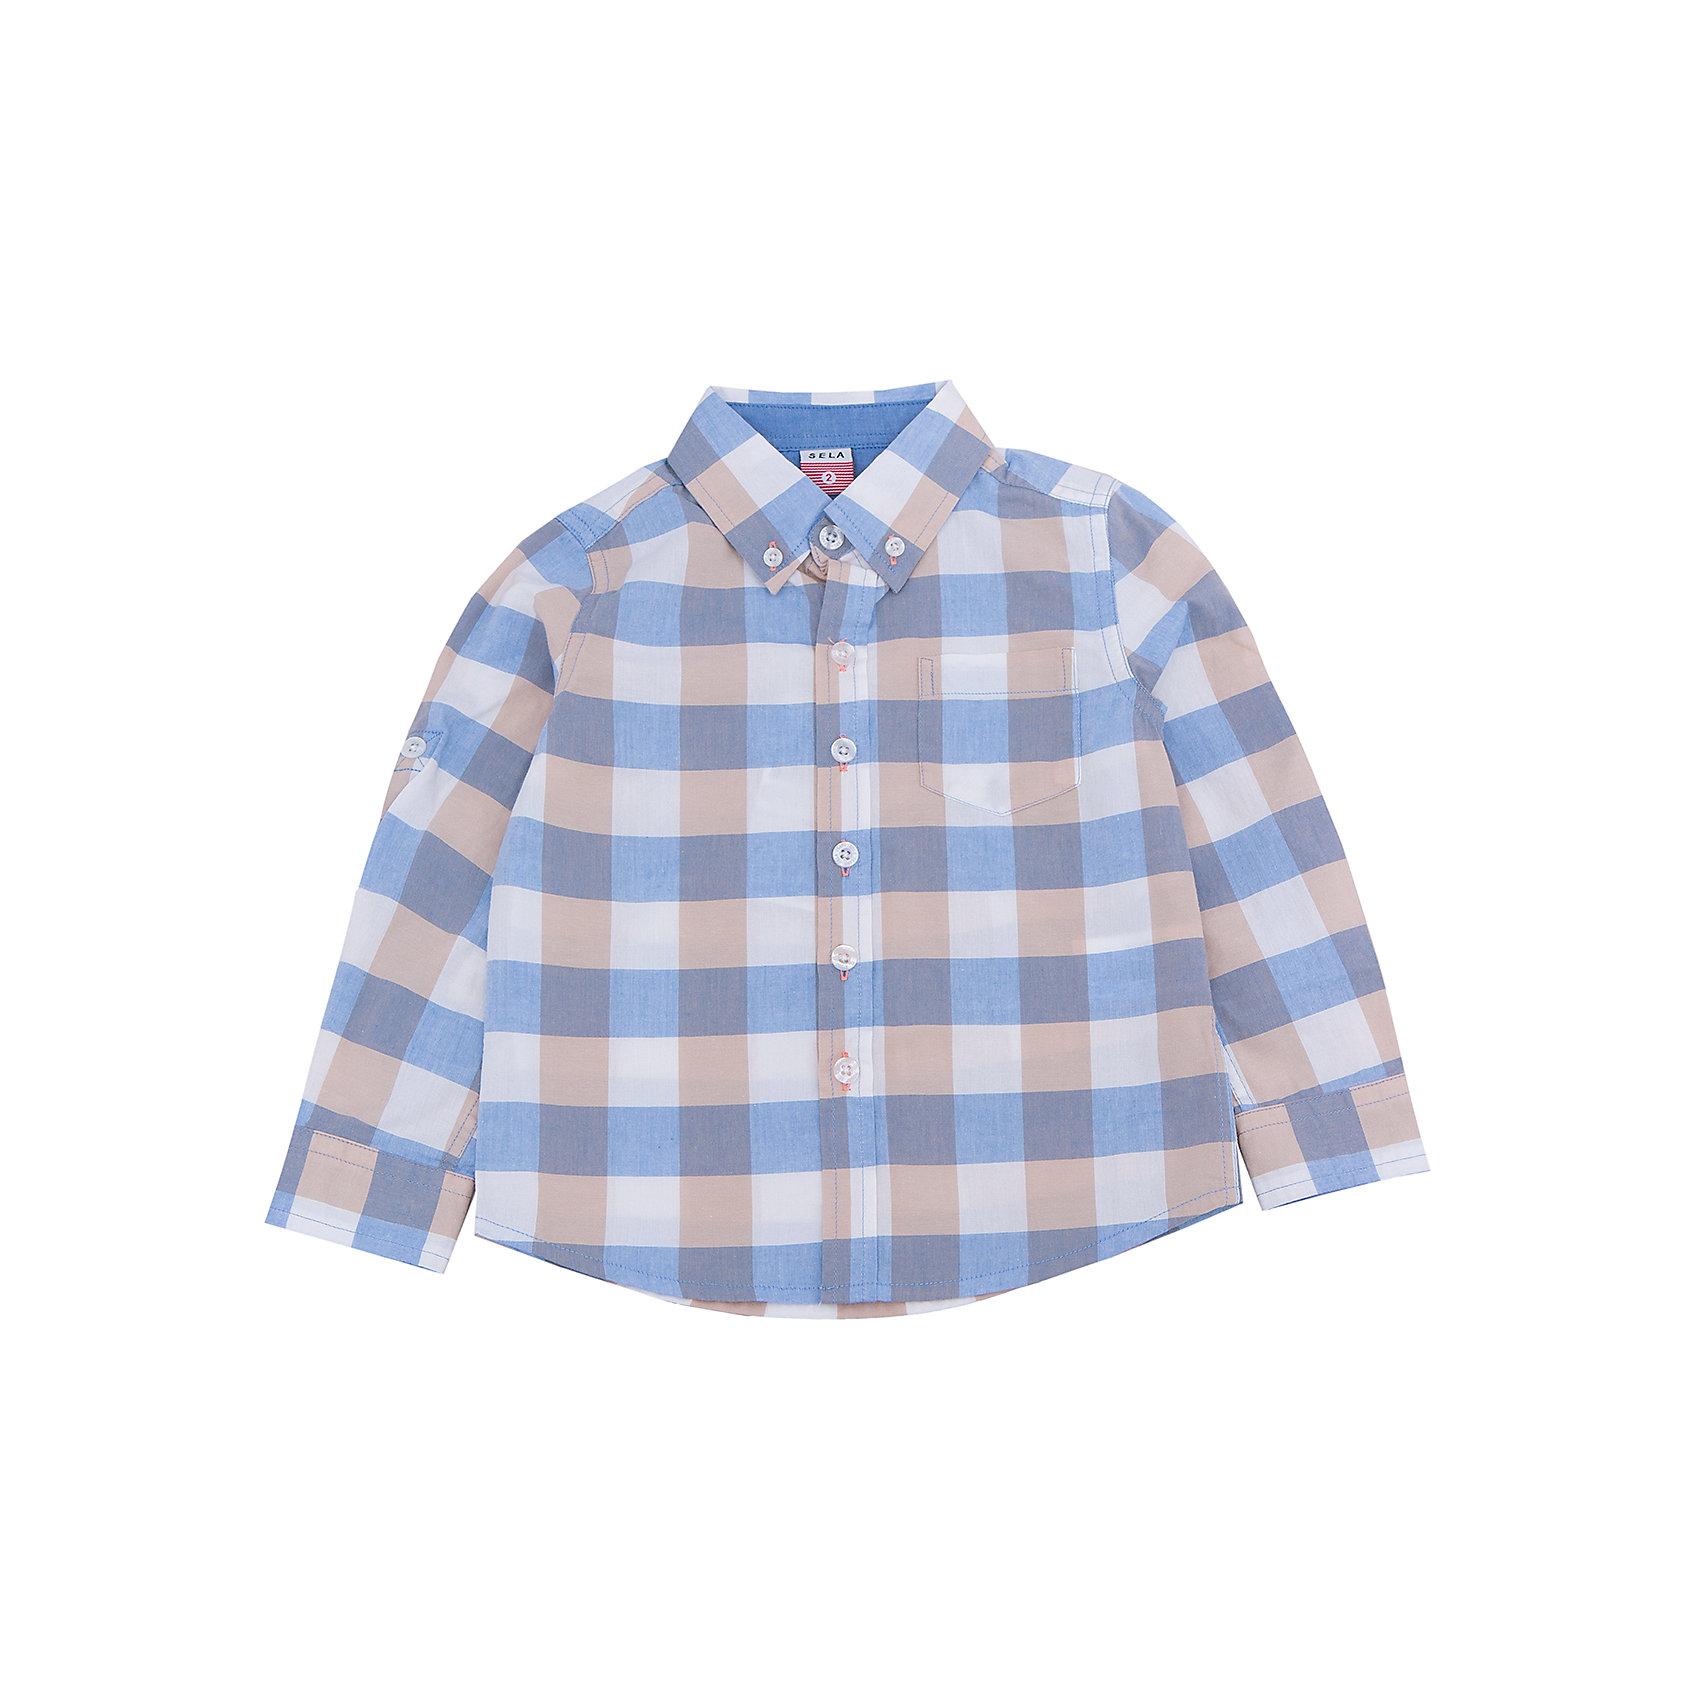 Рубашка для мальчика SELAБлузки и рубашки<br>Характеристики товара:<br><br>• цвет: голубой/бежевый<br>• состав: 100% хлопок<br>• силуэт прямой<br>• пуговицы<br>• длинные рукава с опций подгибки<br>• воротник баттен-даун<br>• карманы<br>• коллекция весна-лето 2017<br>• страна бренда: Российская Федерация<br>• страна изготовитель: Китай<br><br>Вещи из новой коллекции SELA продолжают радовать удобством! Модная рубашка для мальчика поможет разнообразить гардероб ребенка и обеспечить комфорт. Она отлично сочетается с джинсами и брюками. Очень стильно смотрится!<br><br>Одежда, обувь и аксессуары от российского бренда SELA не зря пользуются большой популярностью у детей и взрослых! Модели этой марки - стильные и удобные, цена при этом неизменно остается доступной. Для их производства используются только безопасные, качественные материалы и фурнитура. Новая коллекция поддерживает хорошие традиции бренда! <br><br>Рубашку для мальчика от популярного бренда SELA (СЕЛА) можно купить в нашем интернет-магазине.<br><br>Ширина мм: 174<br>Глубина мм: 10<br>Высота мм: 169<br>Вес г: 157<br>Цвет: синий<br>Возраст от месяцев: 60<br>Возраст до месяцев: 72<br>Пол: Мужской<br>Возраст: Детский<br>Размер: 116,92,98,104,110<br>SKU: 5305487